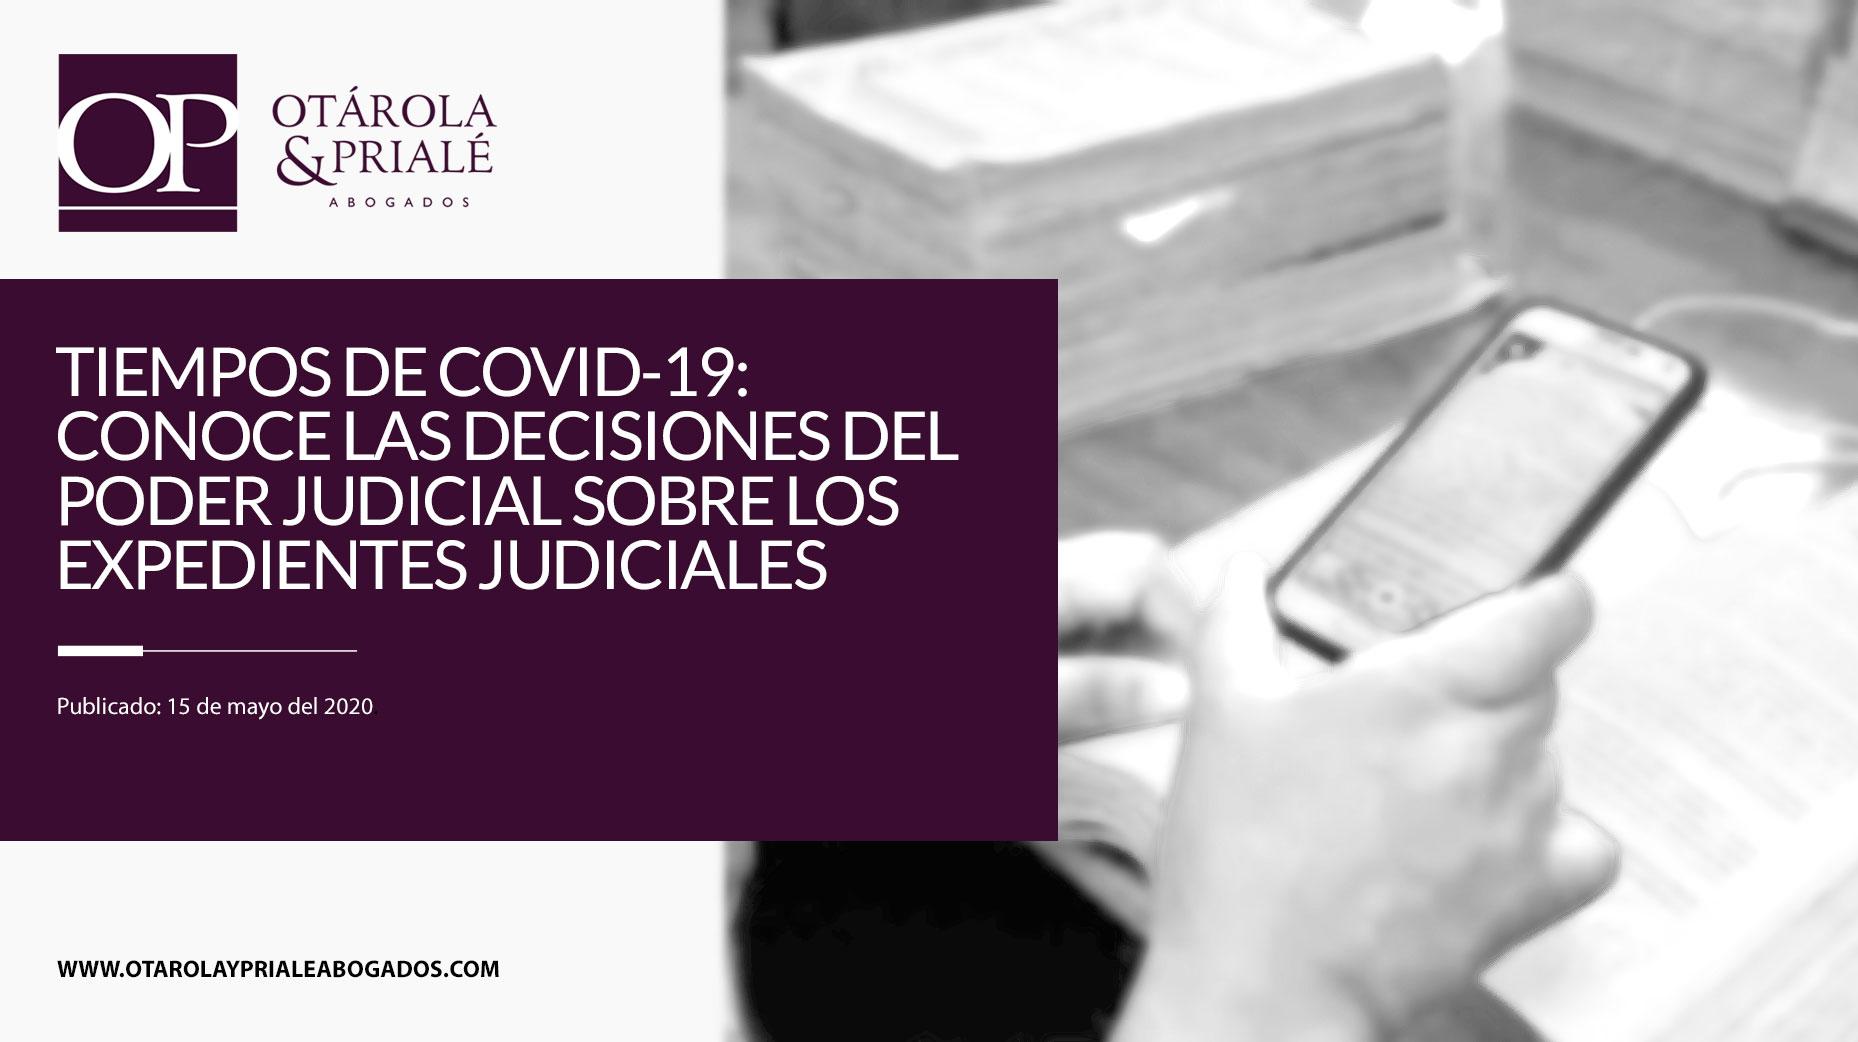 Tiempos de COVID-19: Conoce las decisiones del Poder Judicial sobre los expedientes digitales